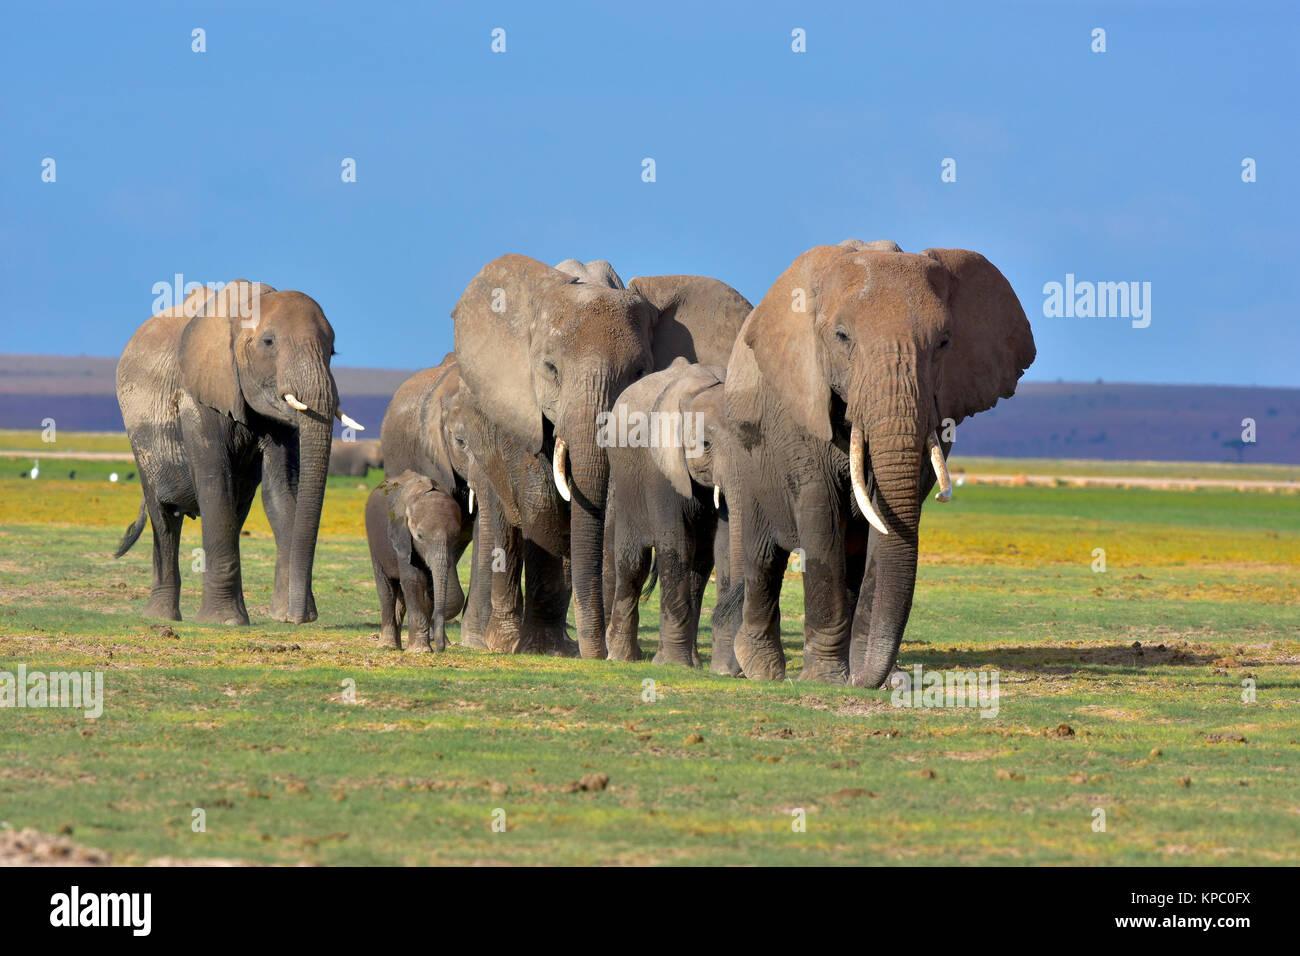 Elefanti in Amboseli Parco nazionale situato nei pressi di Kilimanjaro in Kenya. Foto Stock